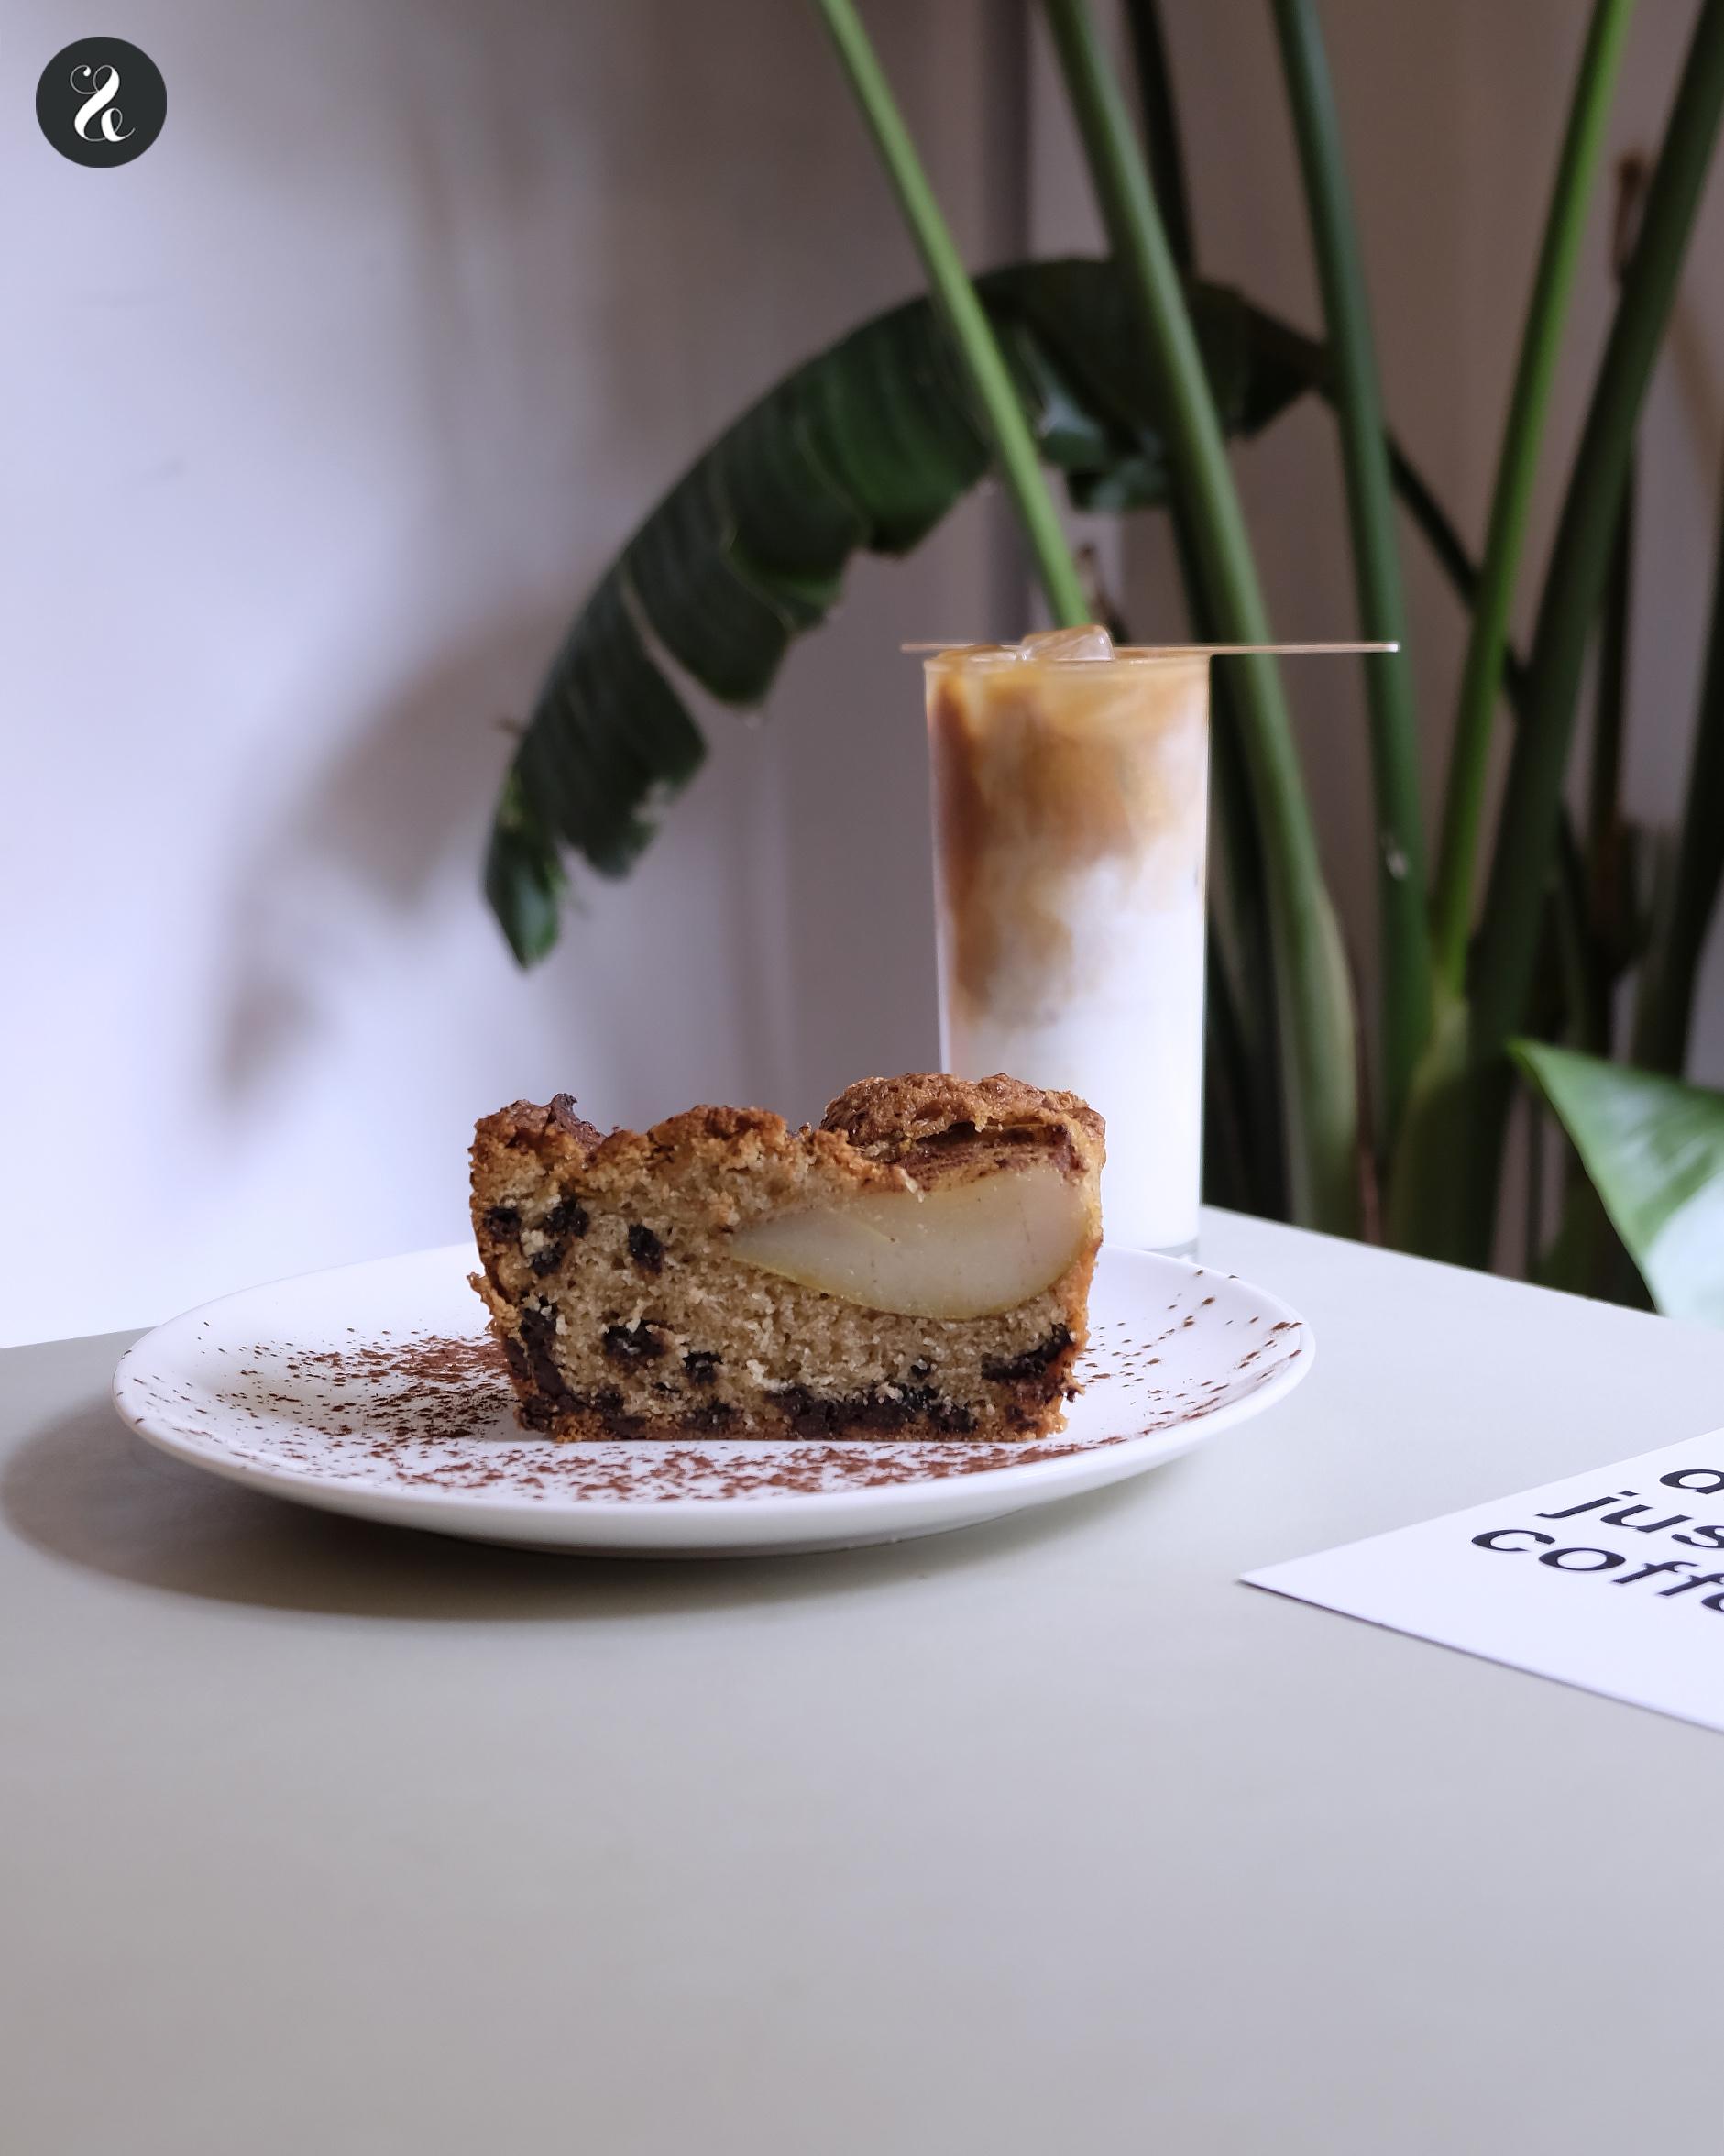 negocios locales madrid - Toma Café